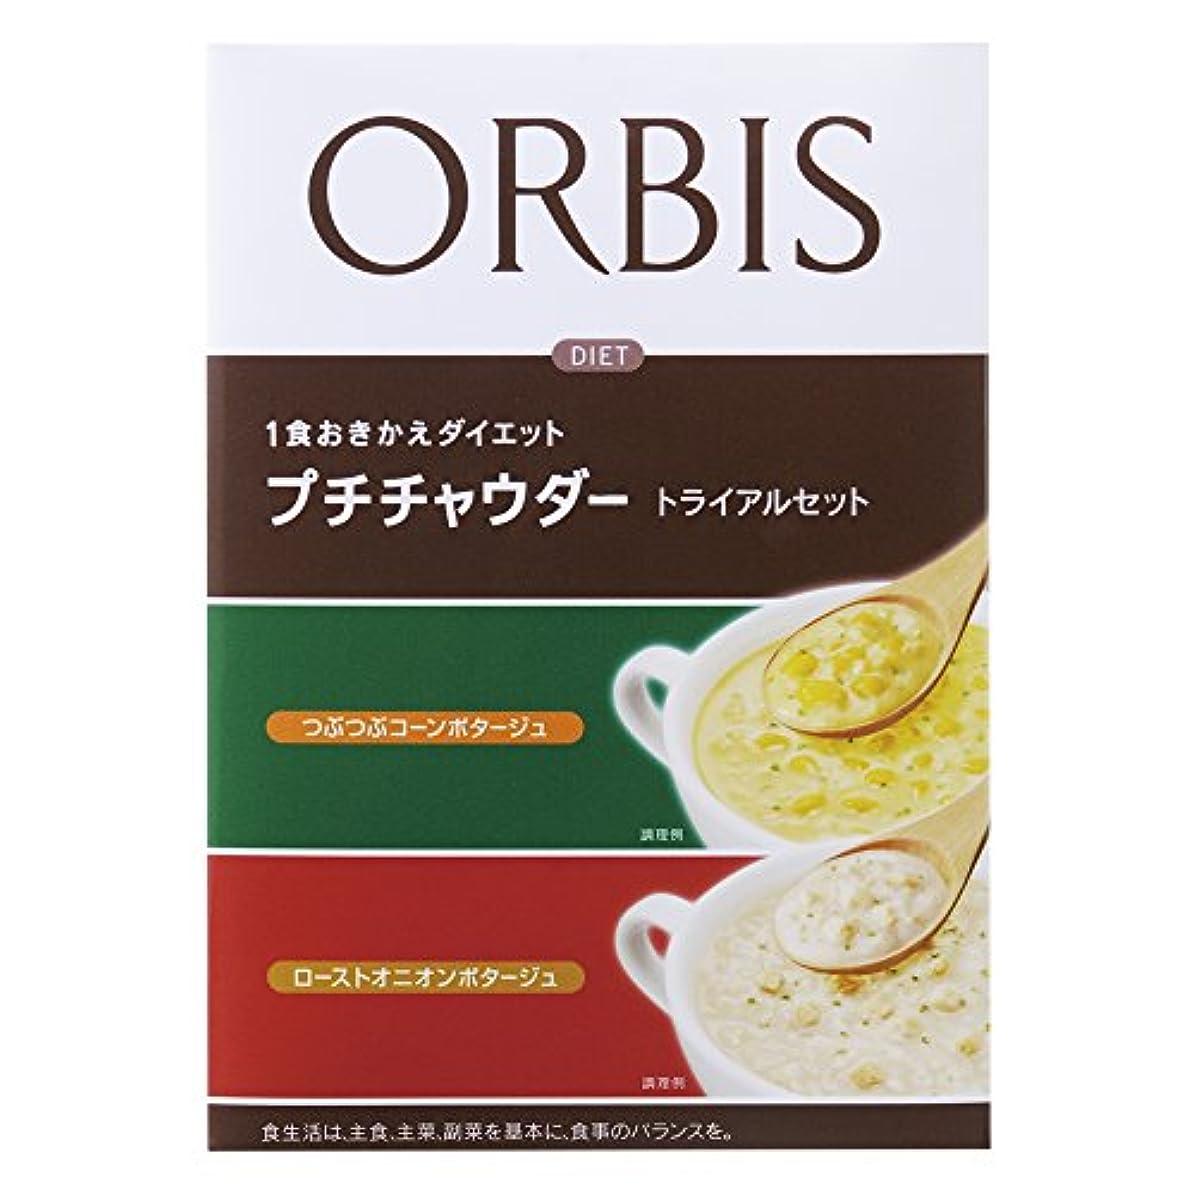 忘れるパースブラックボロウクリップオルビス(ORBIS) プチチャウダー トライアルセット 2食分(各味1食) ◎ダイエットスープ◎ 1食分約123kcal